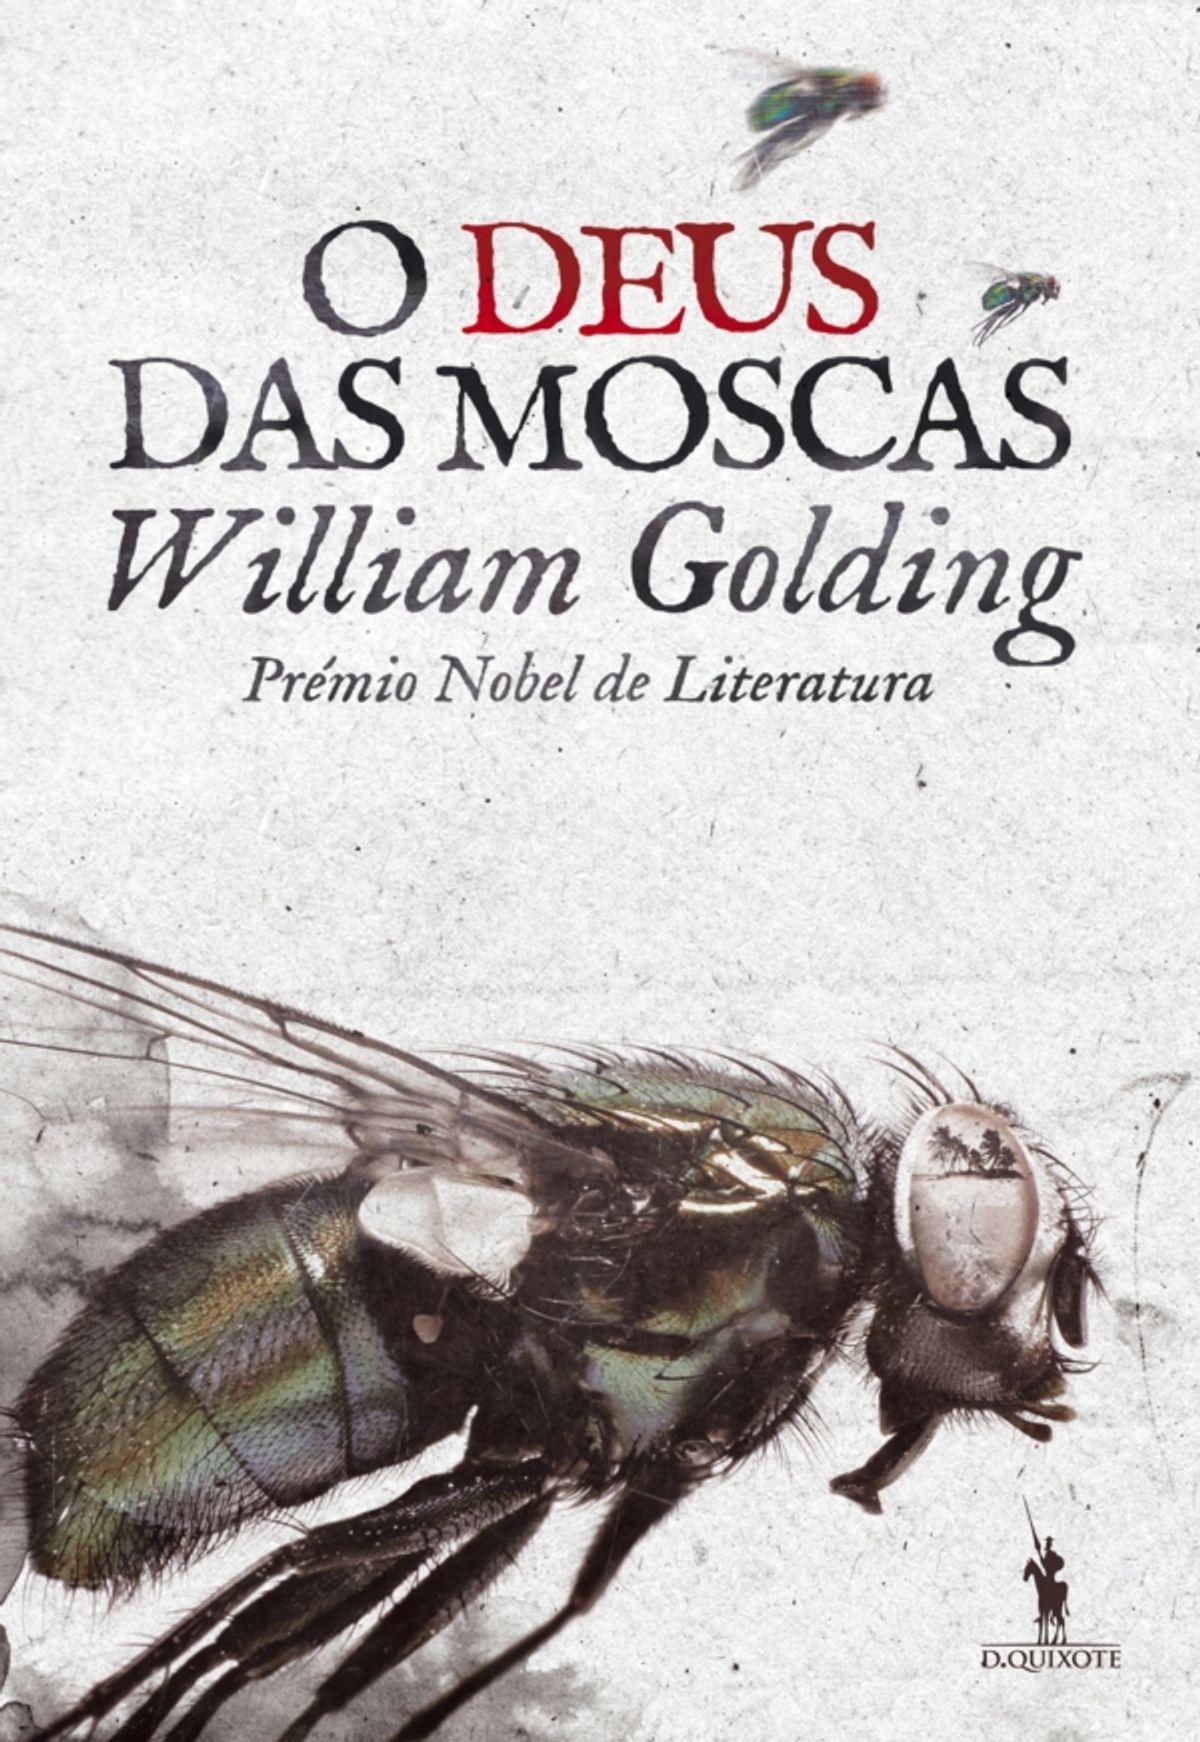 o deus das moscas - William Golding